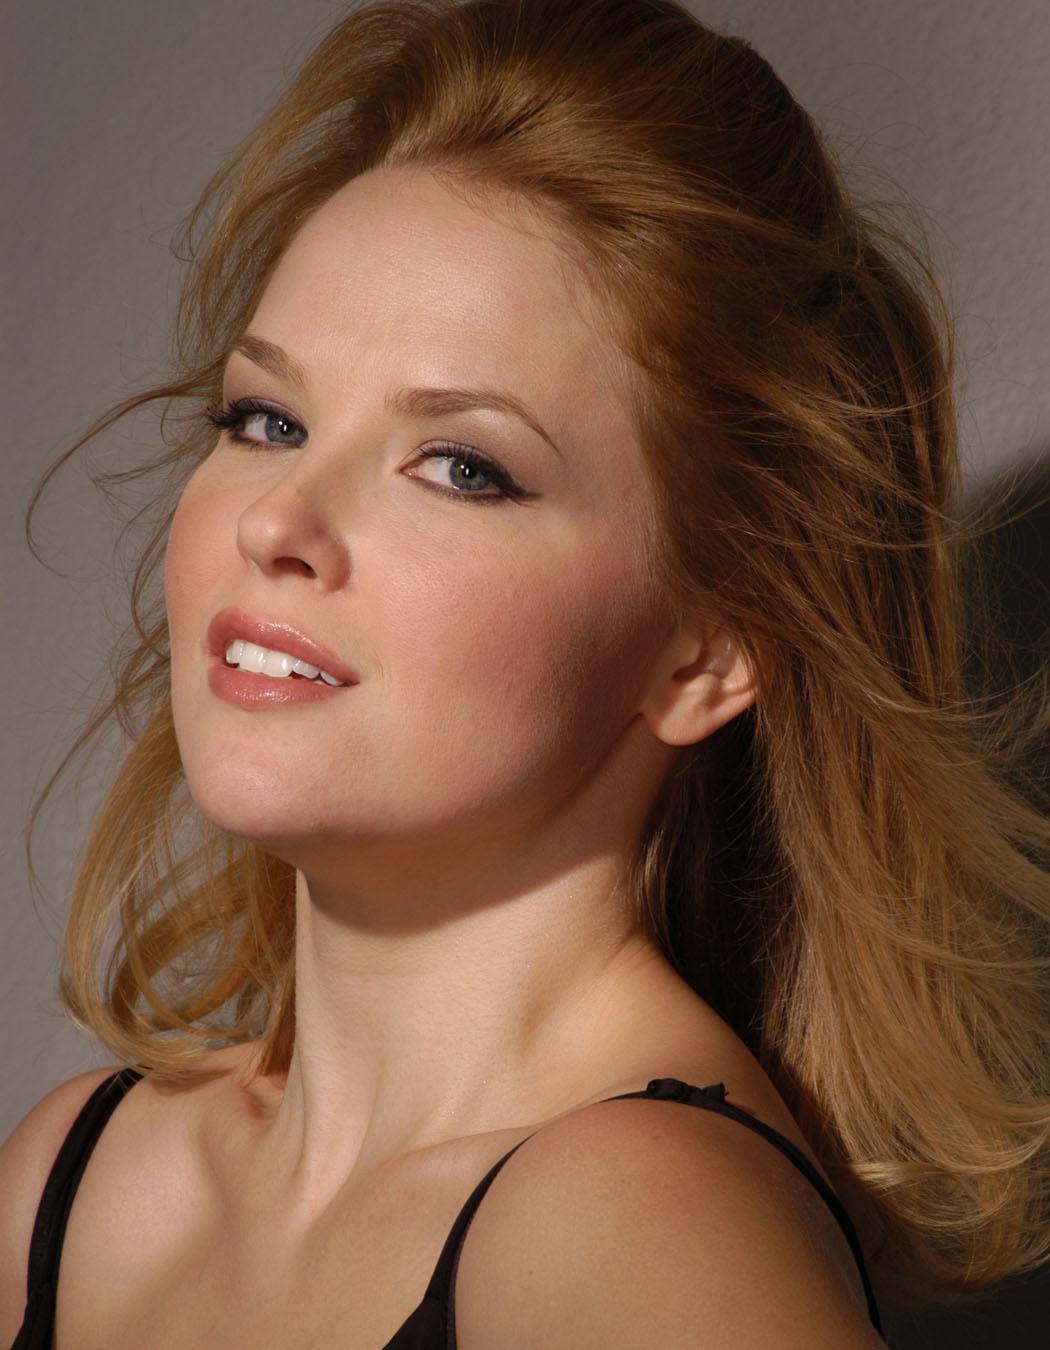 Monique Gabrielle photo